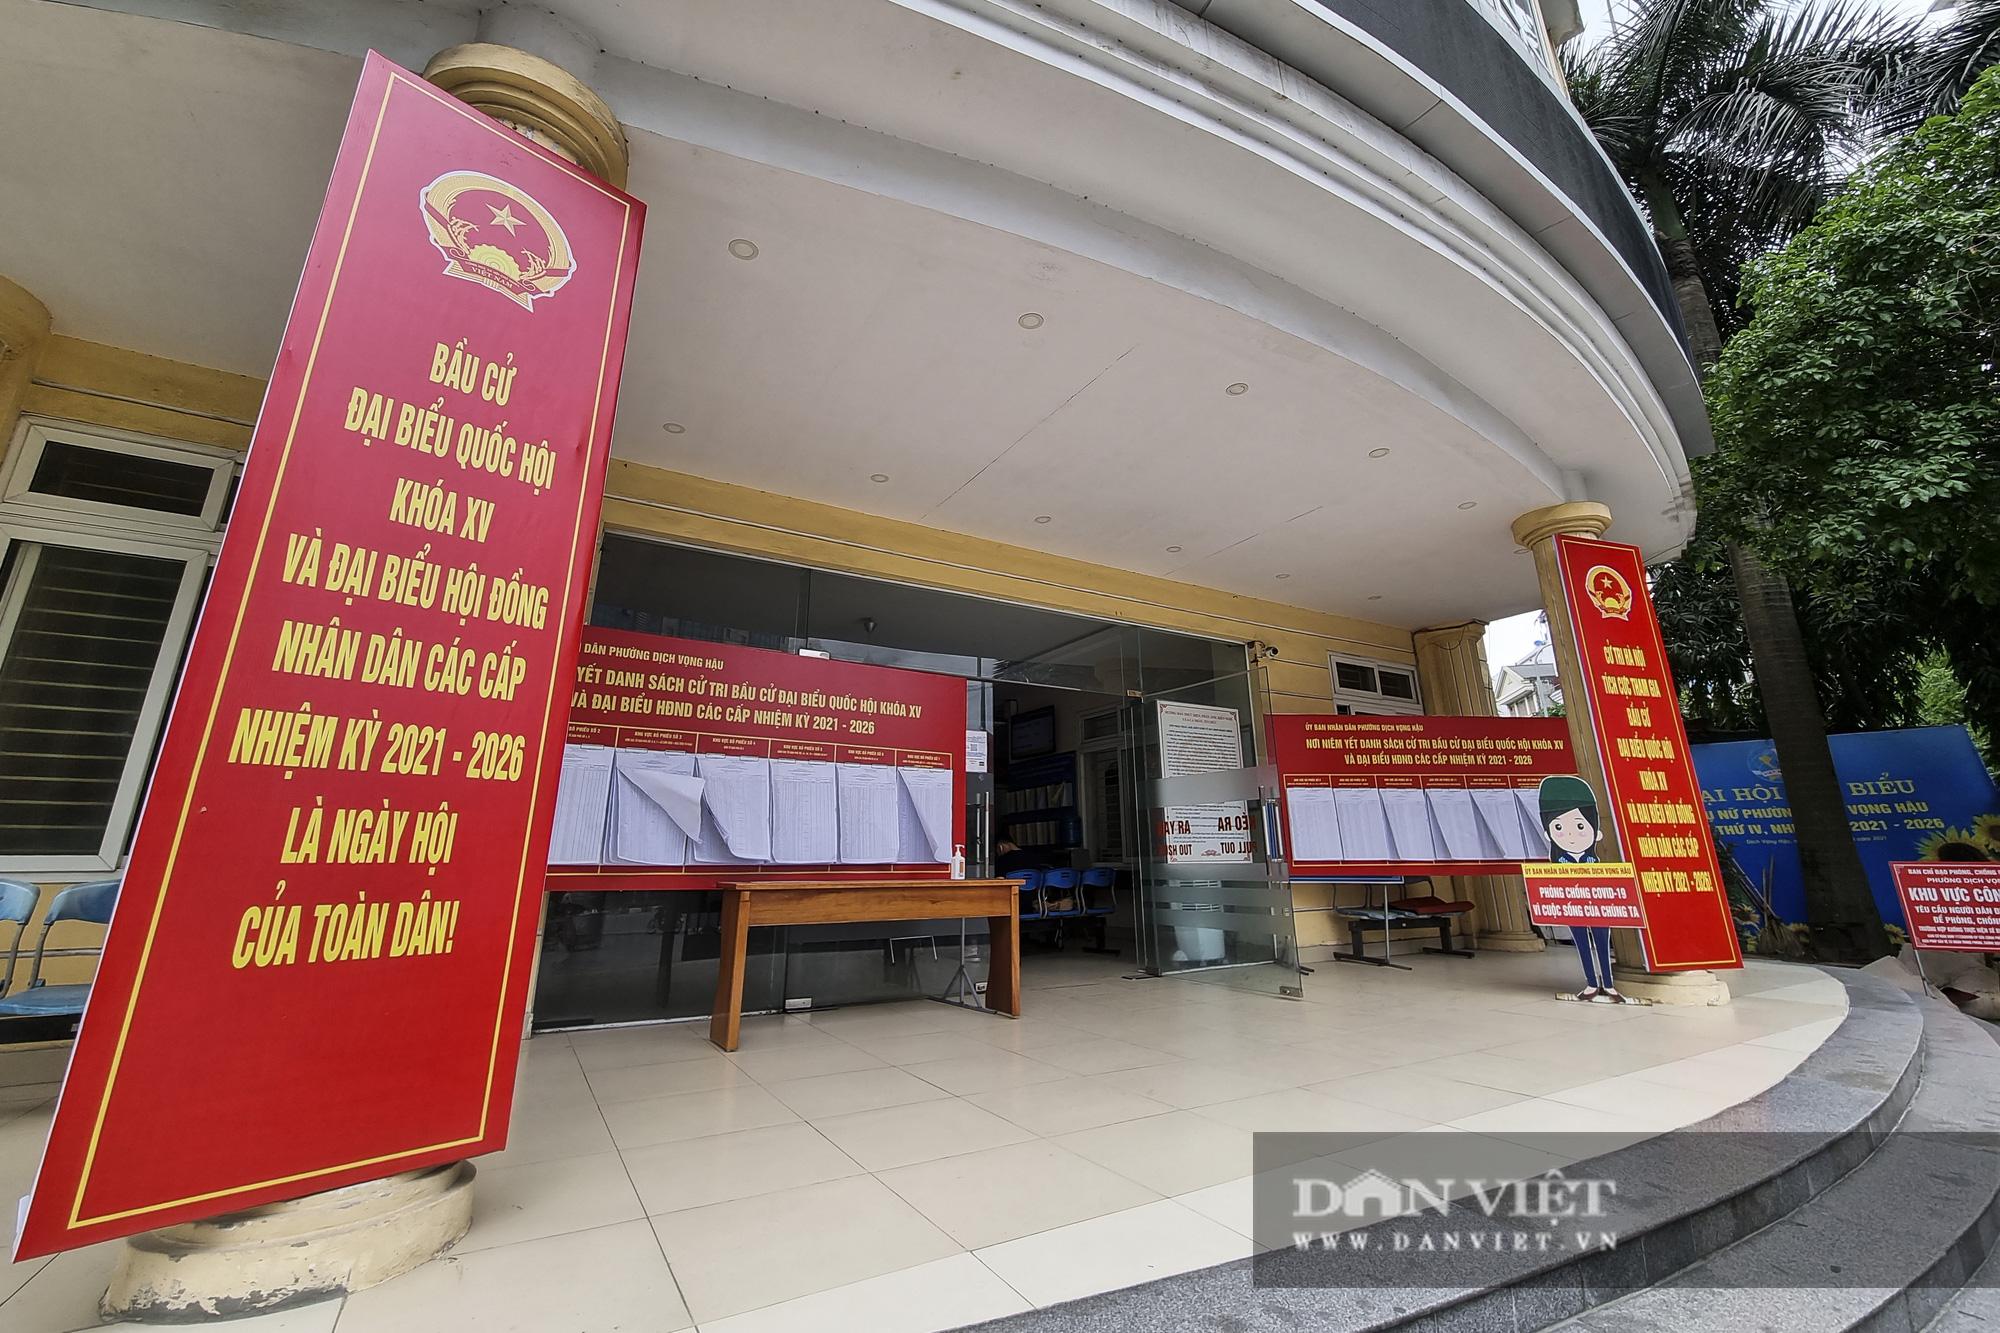 Đường phố Hà Nội trang hoàng rực rỡ trước ngày bầu cử - Ảnh 12.